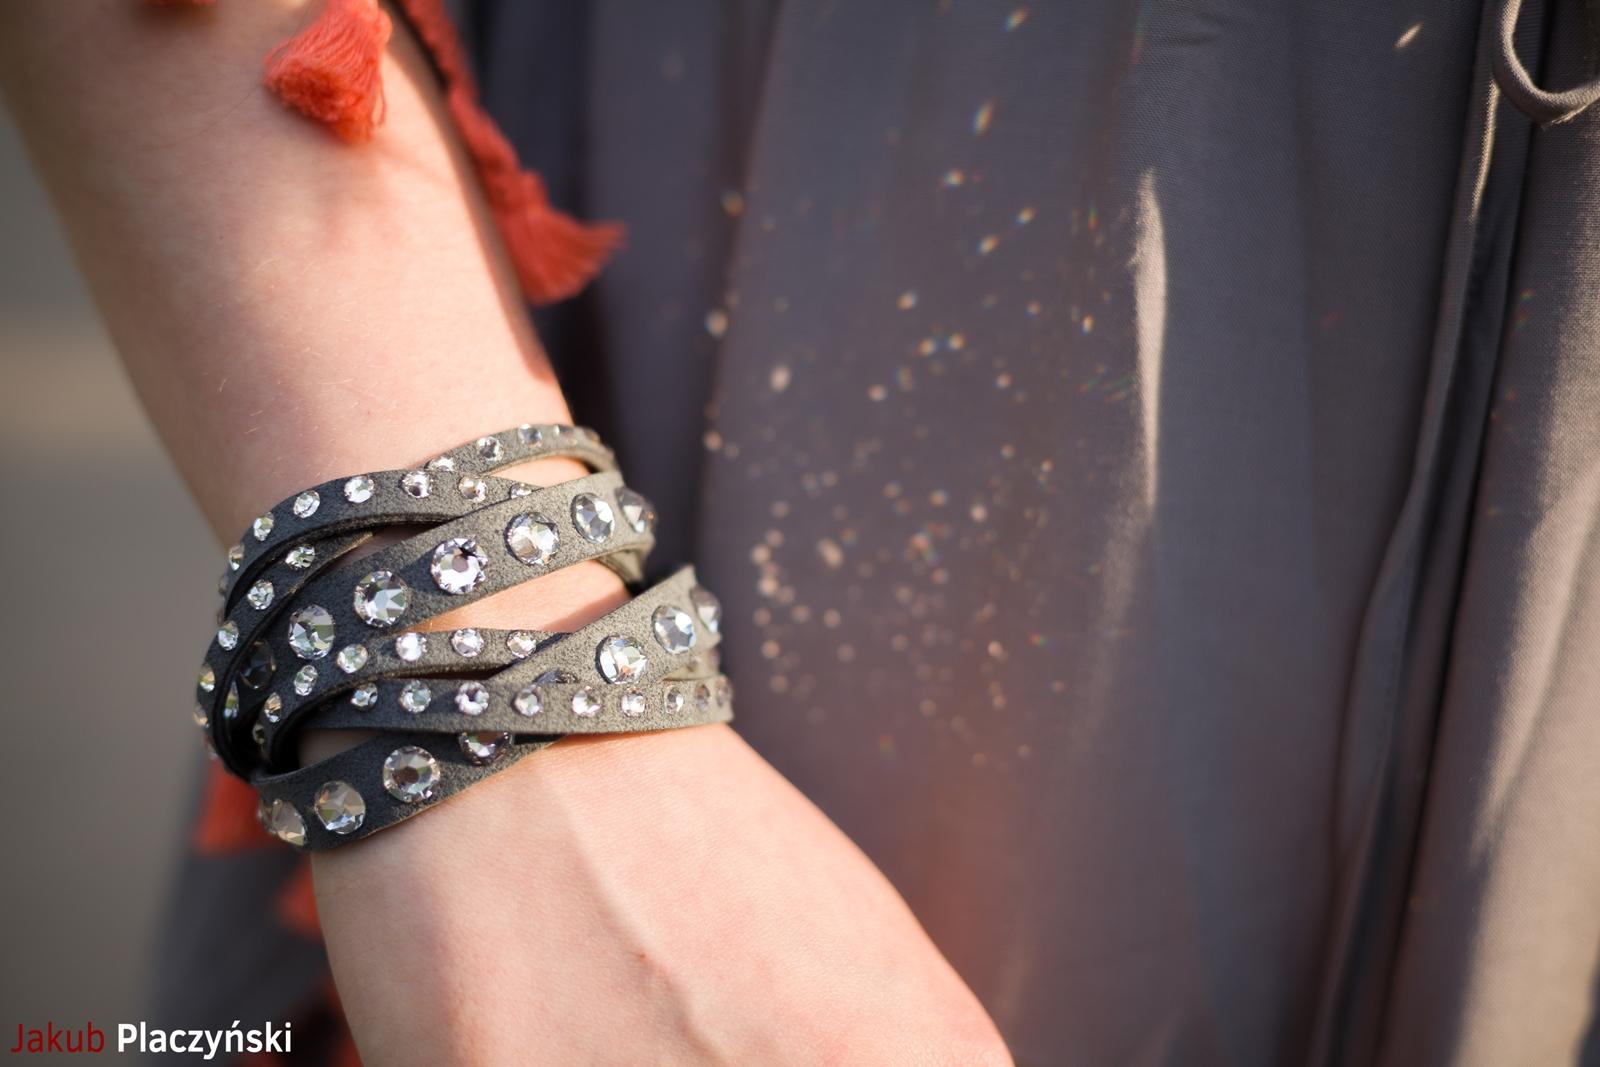 12 sukienka szara z frędzlami maxi na lato bonprix sukienki na wakacje bizuteria piotrowski kryształy svarowskiego letnia stylizacja melodylaniella sukienka dla wysokiej dziewczyny fashion moda